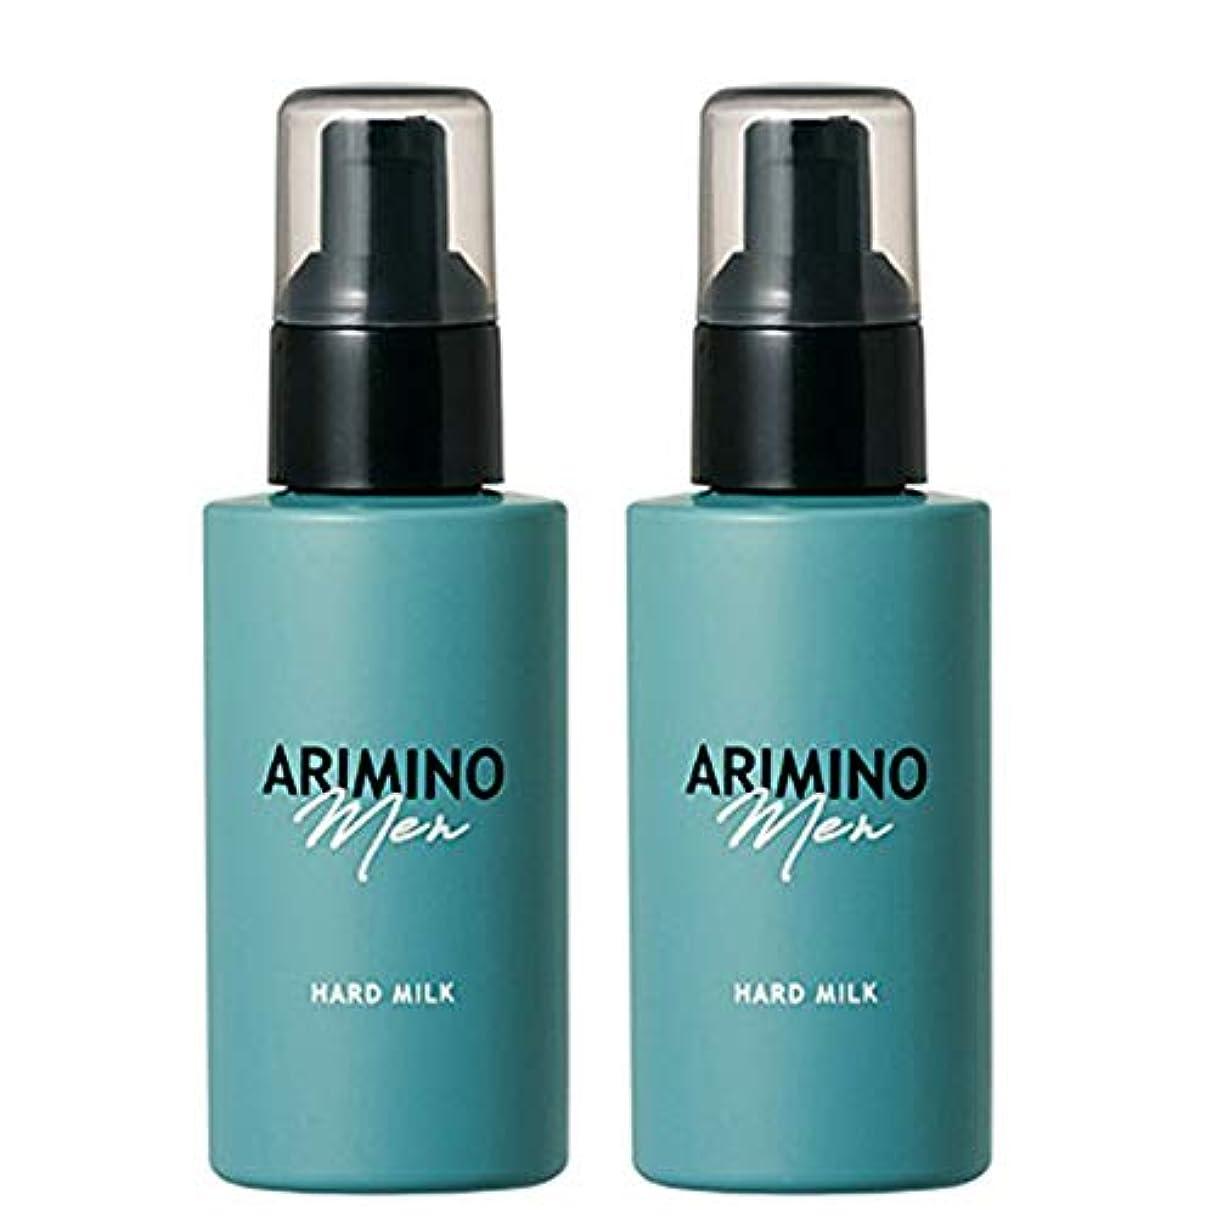 困難大気切断するアリミノ メン ハード ミルク 100g ×2個 セット arimino men